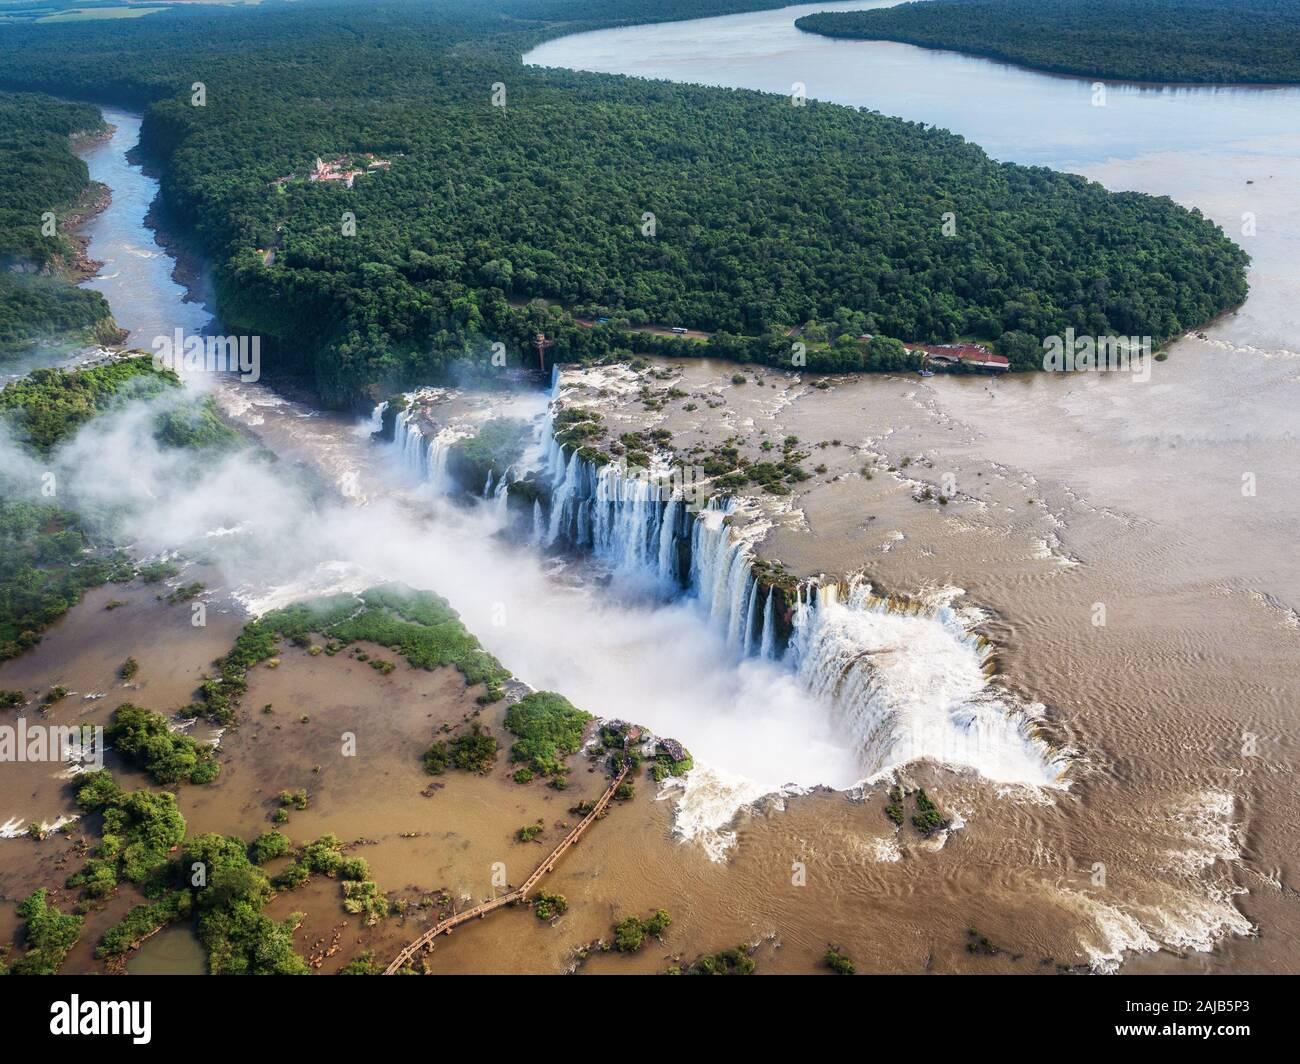 Chutes d'Iguaçu, à la frontière de l'Argentine et le Brésil, vue aérienne. Banque D'Images